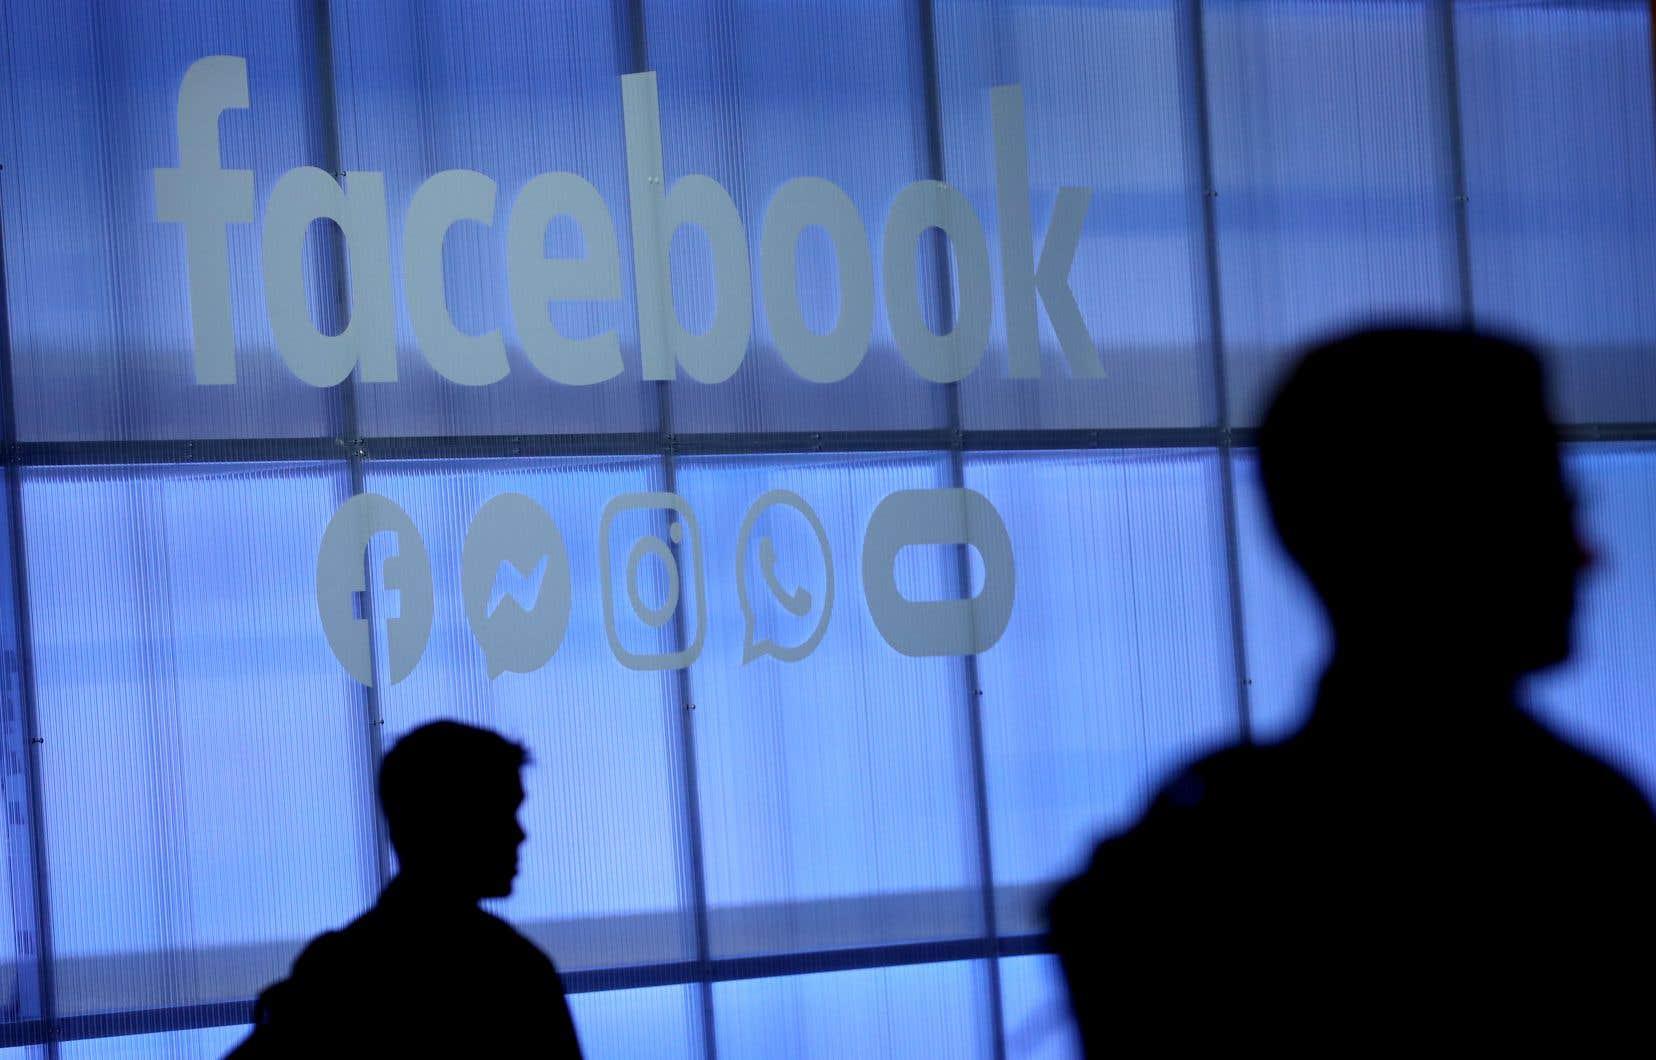 Libra, de Facebook, doit offrir au cours de 2020 un nouveau mode de paiement en dehors des circuits bancaires traditionnels: elle se veut la pierre angulaire d'un nouvel écosystème, affranchi de la barrière des différentes devises.